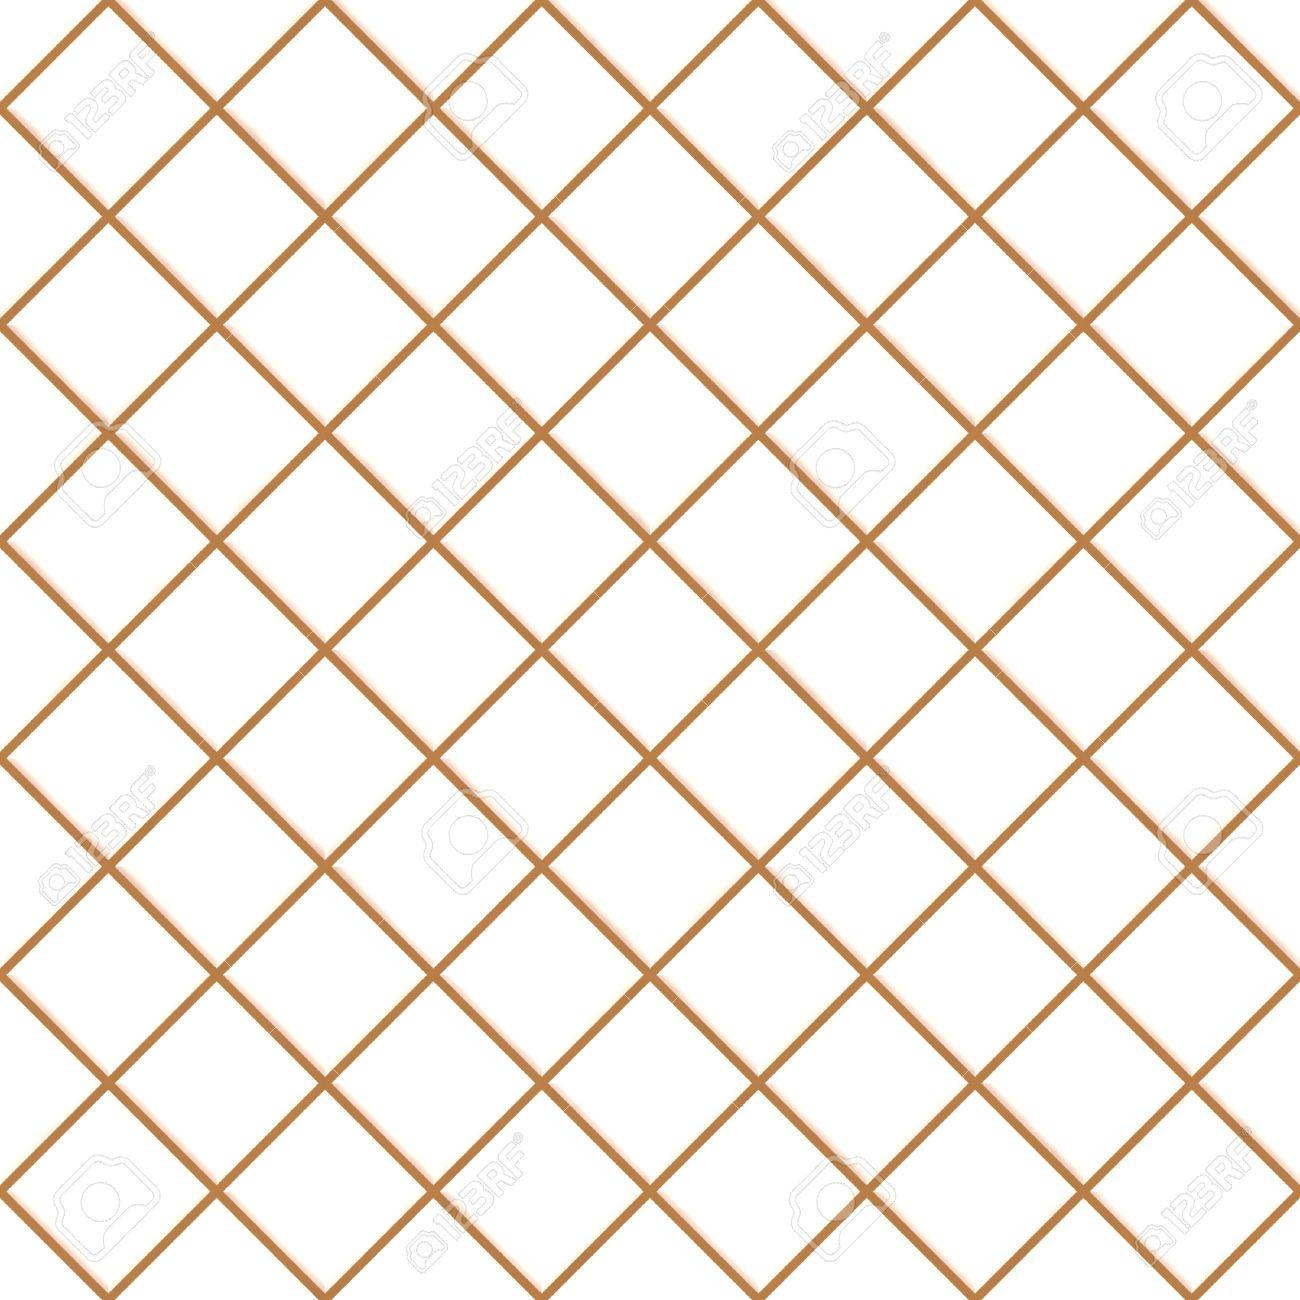 Seamless White Tiles Texture Background, Kitchen Or Bathroom Concept Stock  Photo   7306522